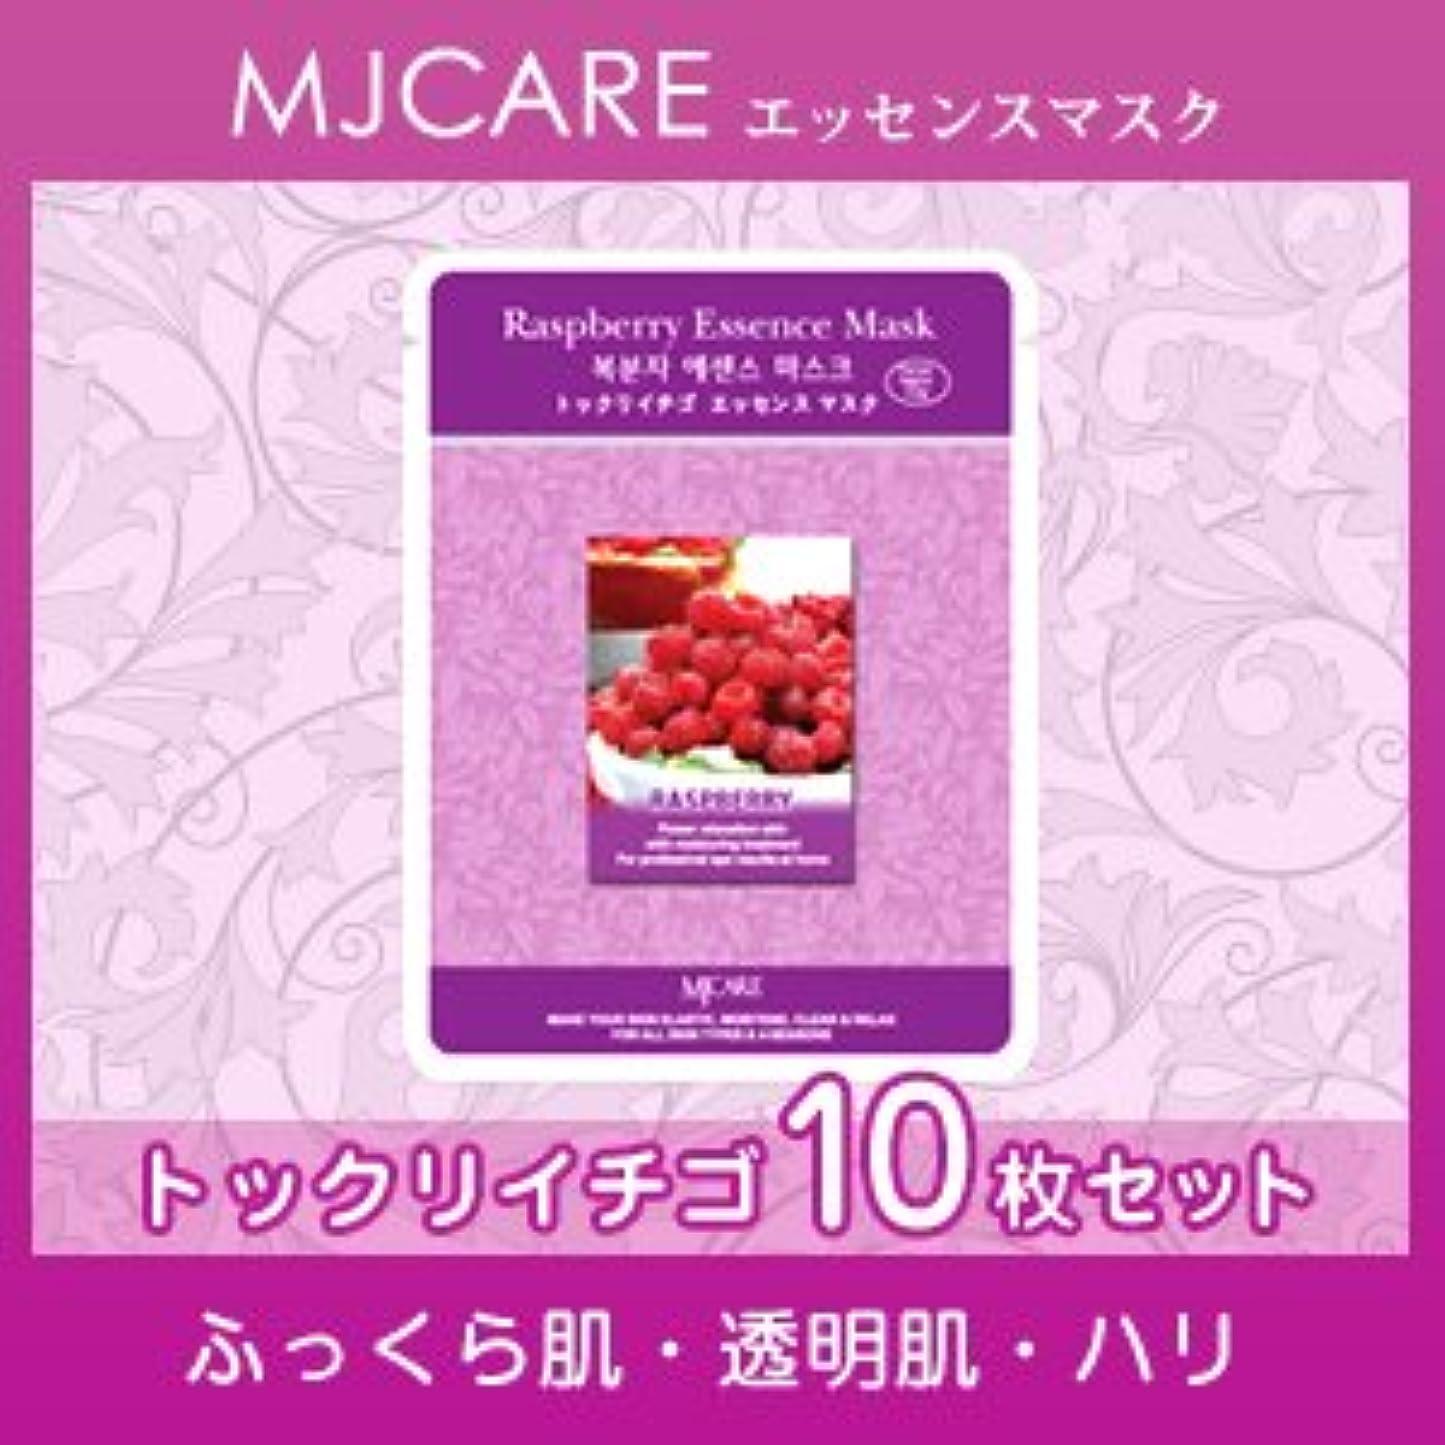 ラインもろい共感するフェイスパック フェイスマスクパック トックリイチゴ ランキング 上位 韓国コスメ 30枚セット